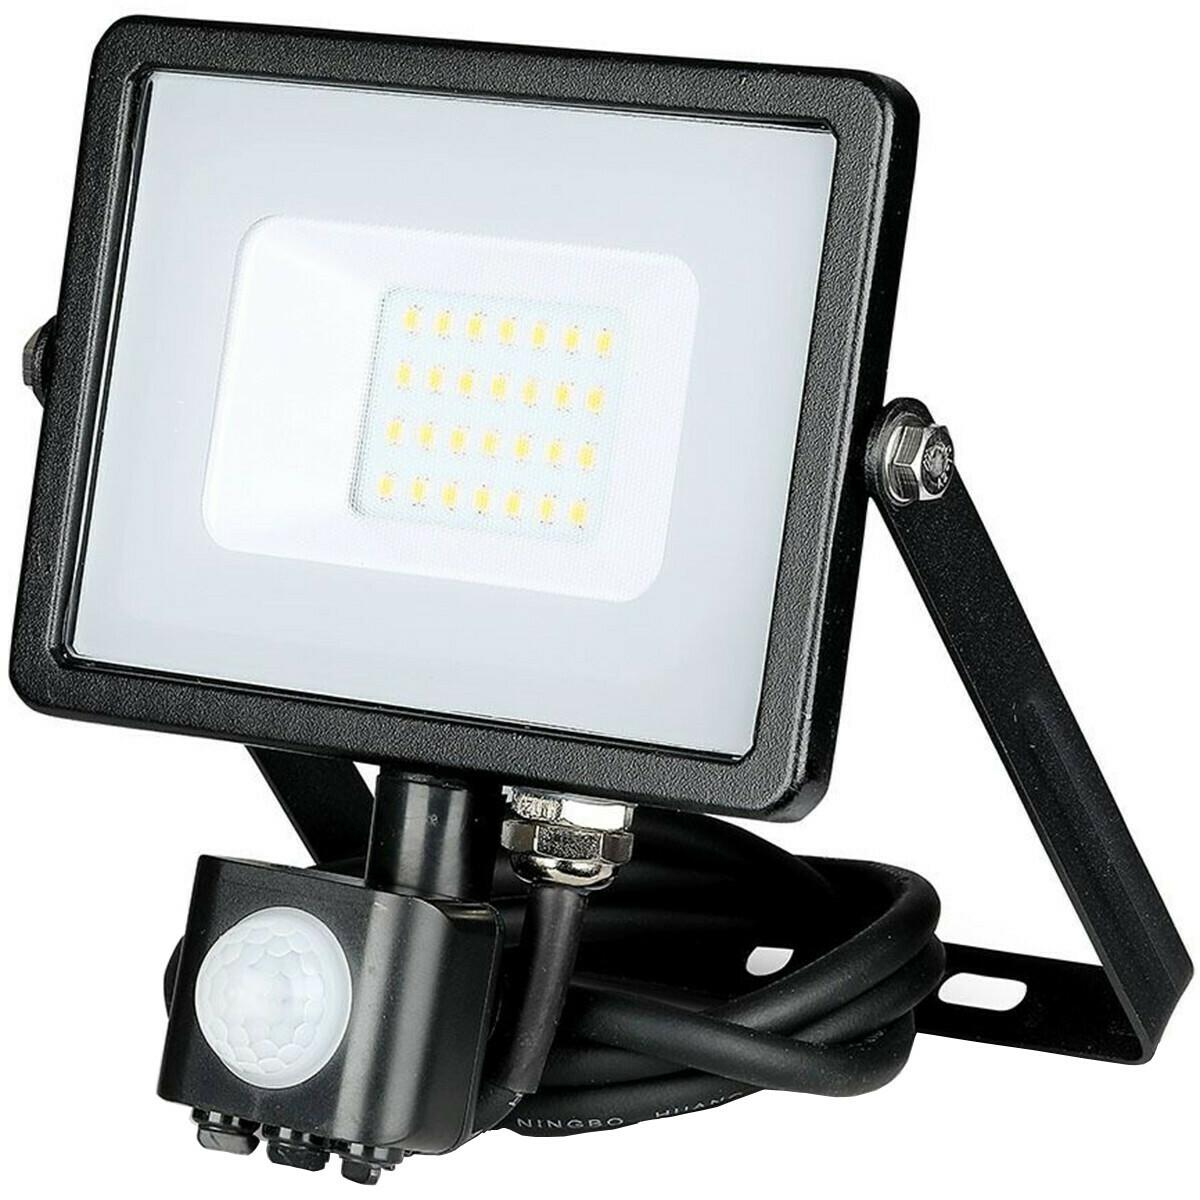 SAMSUNG - LED Bouwlamp 20 Watt met Sensor - LED Schijnwerper - Viron Dana - Natuurlijk Wit 4000K - M